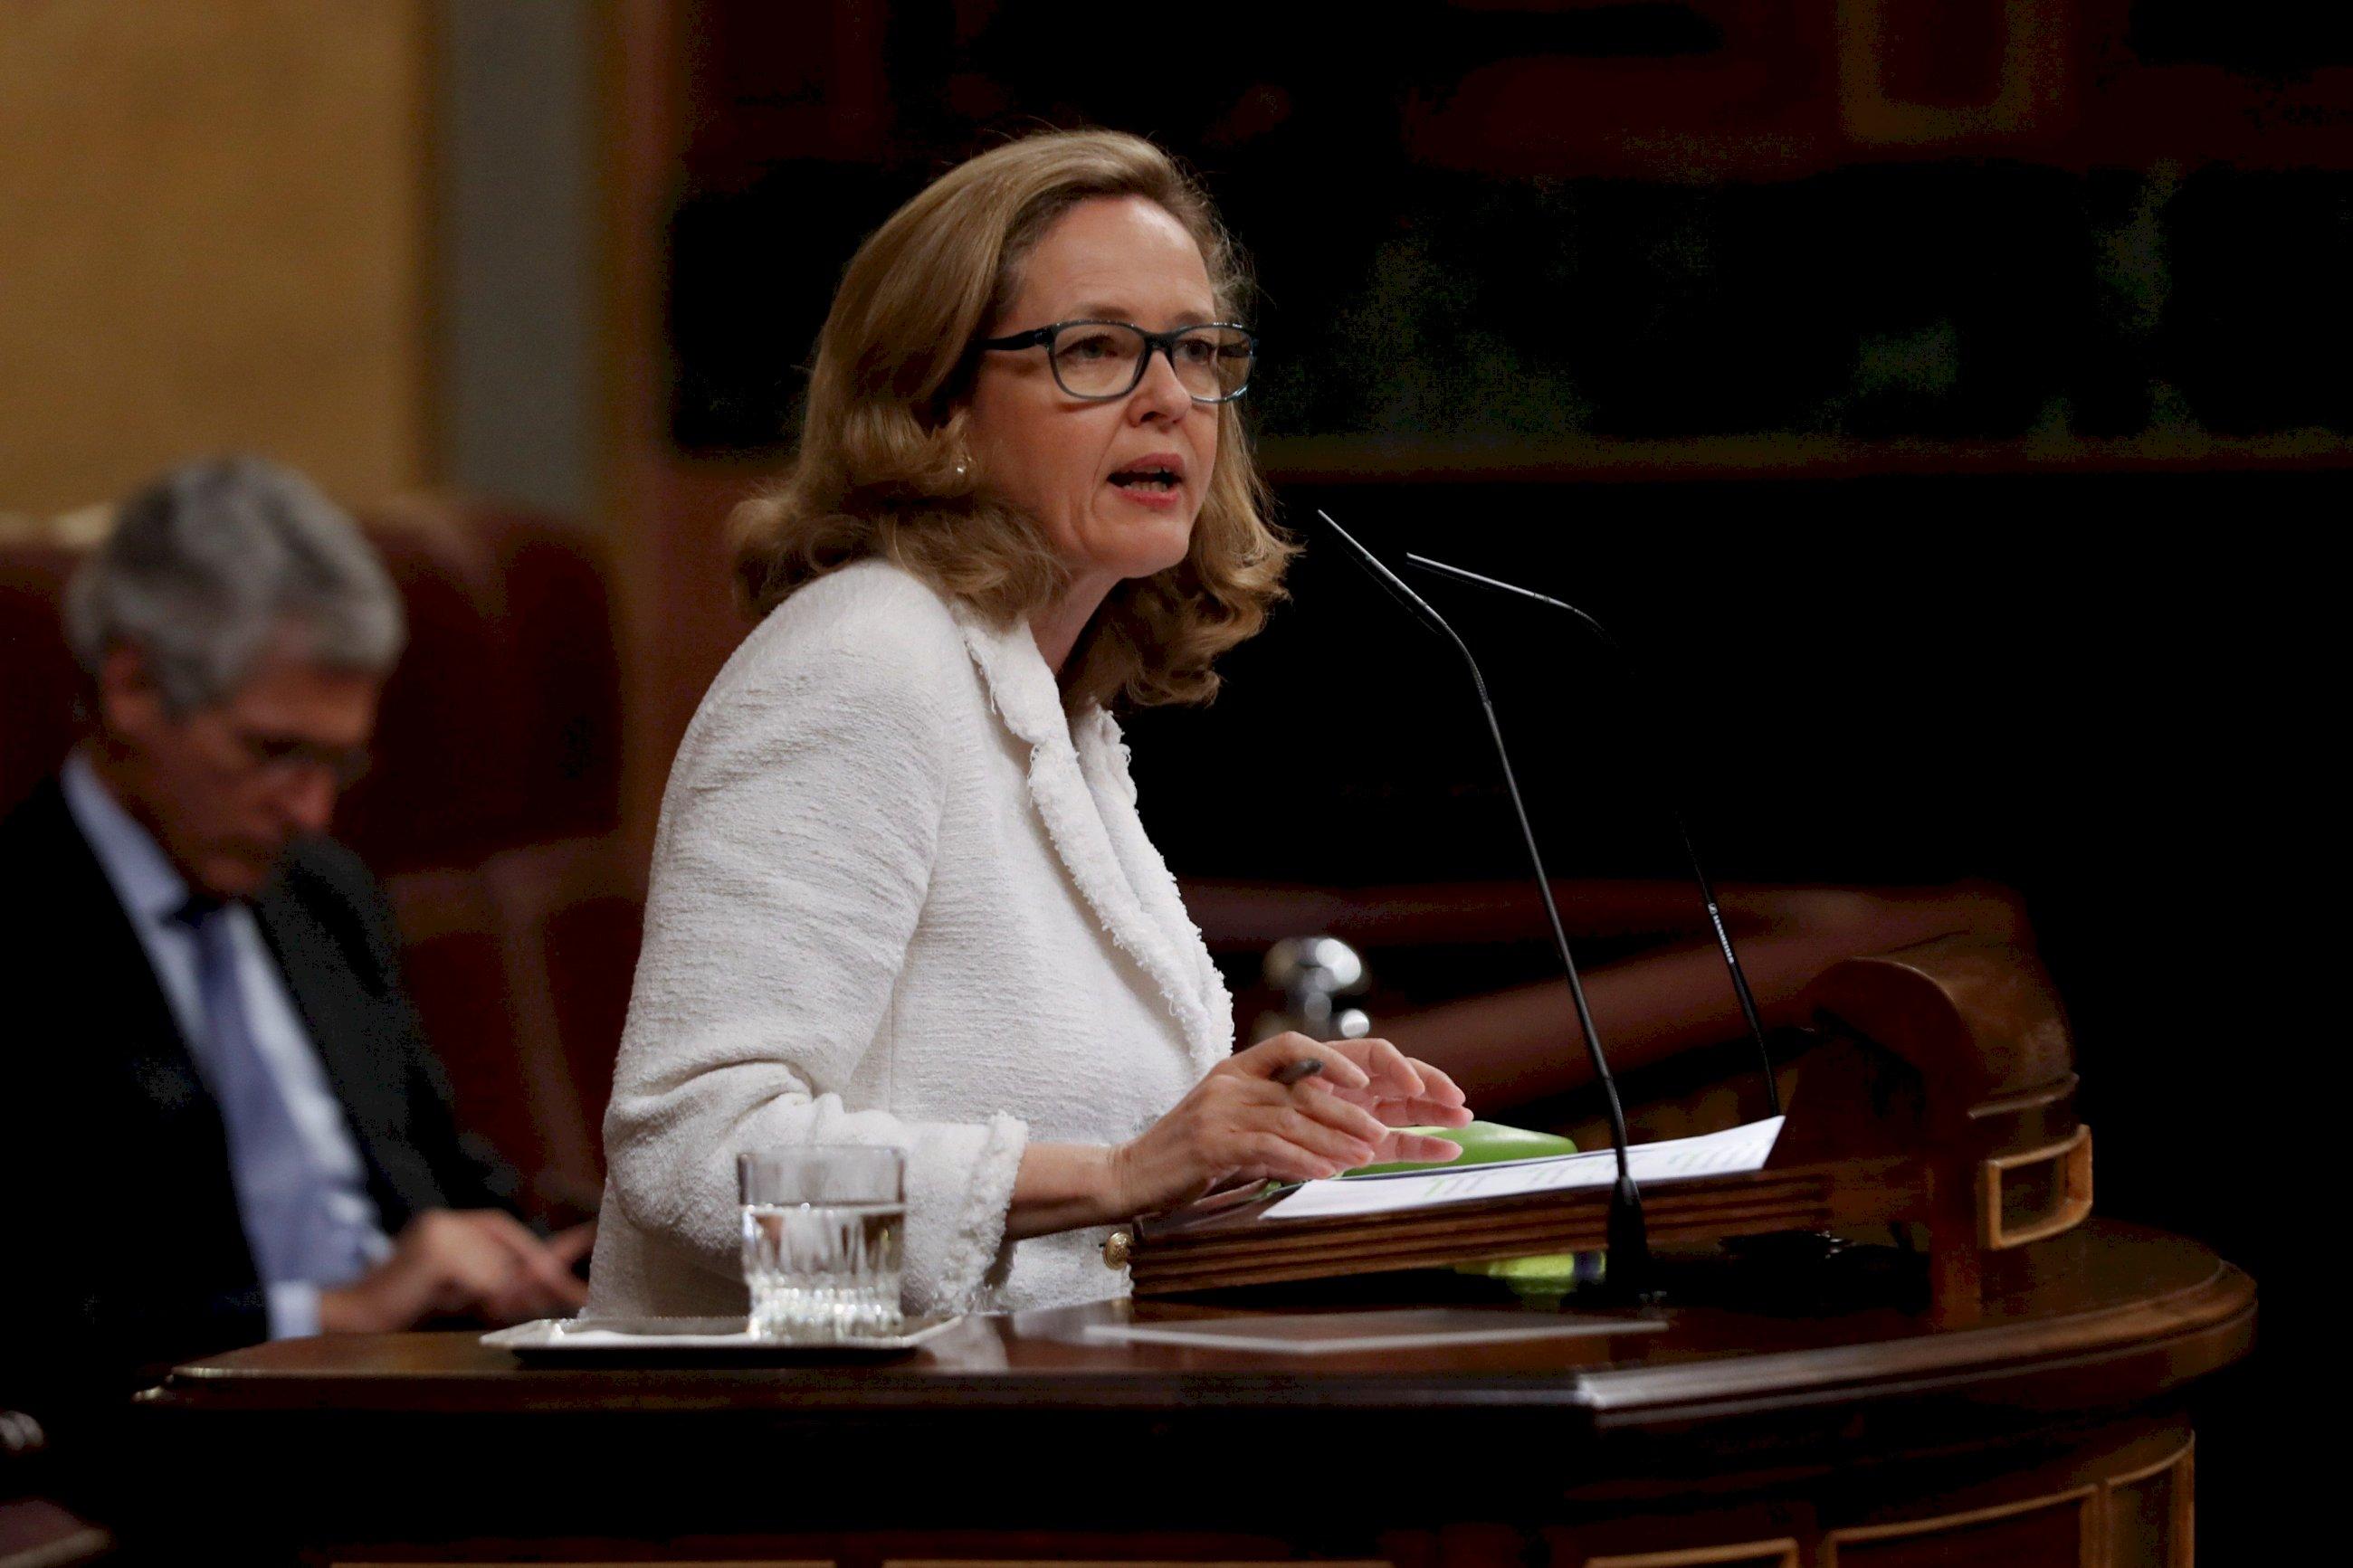 Nadia Calviño naufraga: Paschal Donohoe presidirá el Eurogrupo